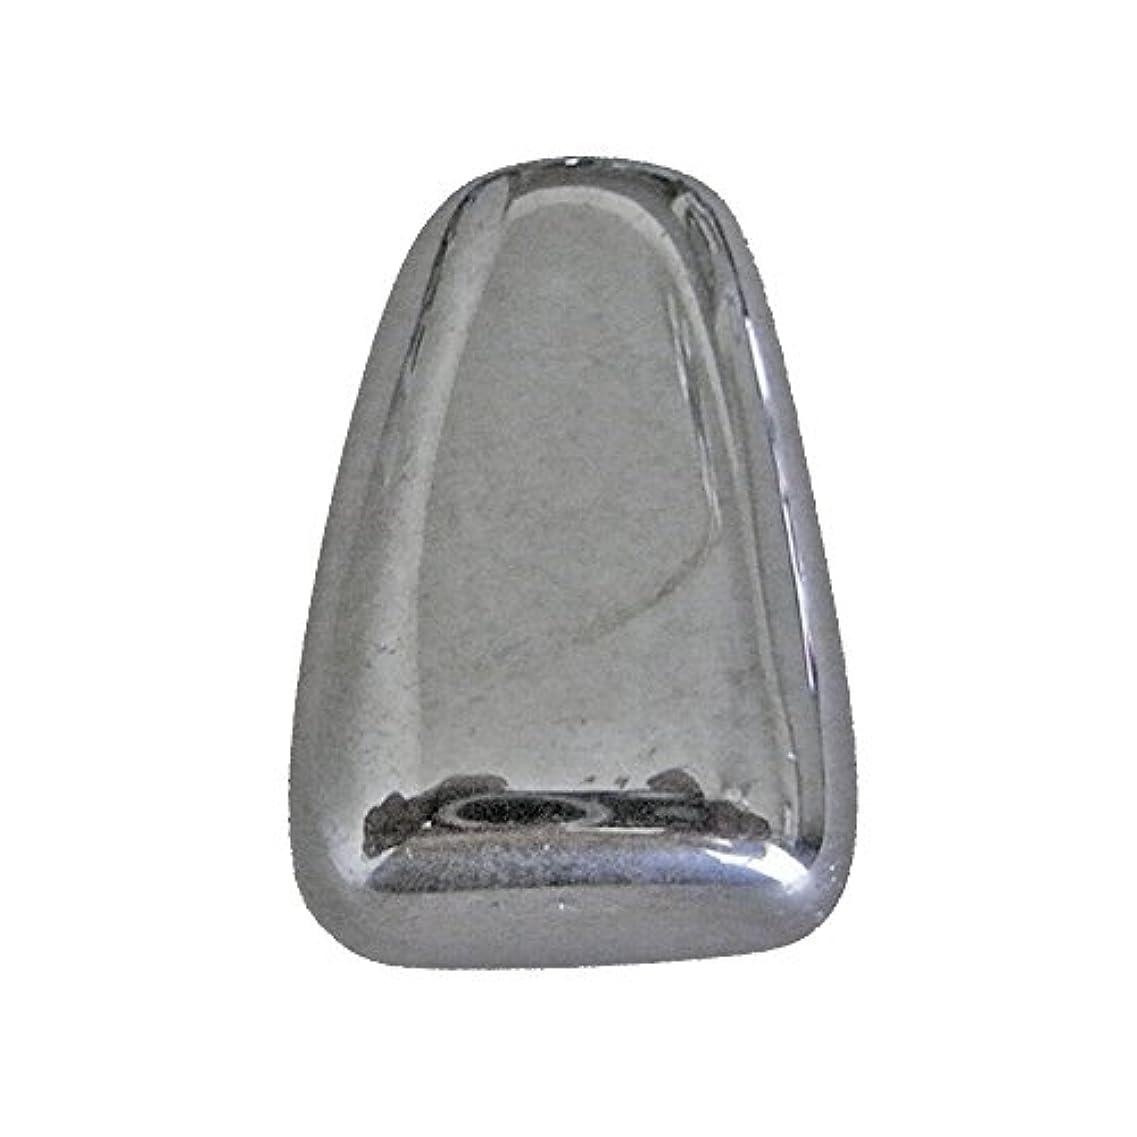 桃解決いっぱいNatural Pure ドクターノバリア テラヘルツ ソニックストーン1個用 リフトアップ&小顔対応 50~55g前後本物の証